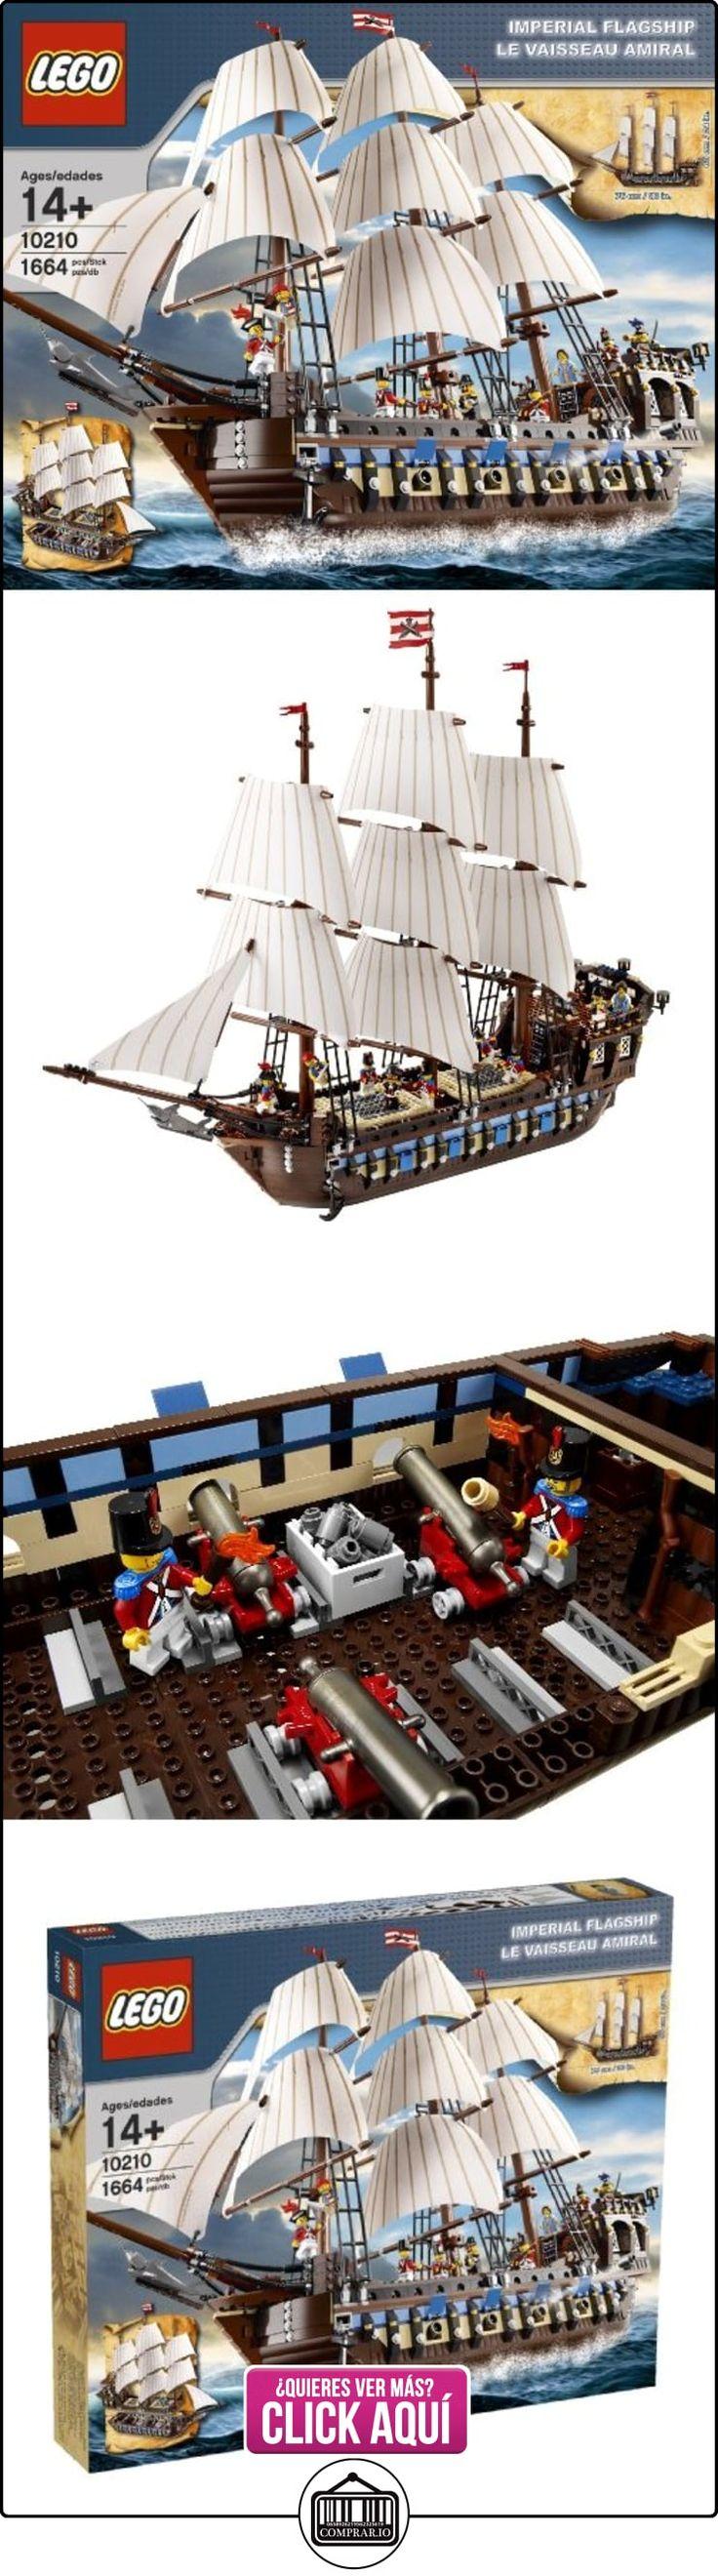 LEGO 10210  ✿ Lego - el surtido más amplio ✿ ▬► Ver oferta: http://comprar.io/goto/B0032BC3TU